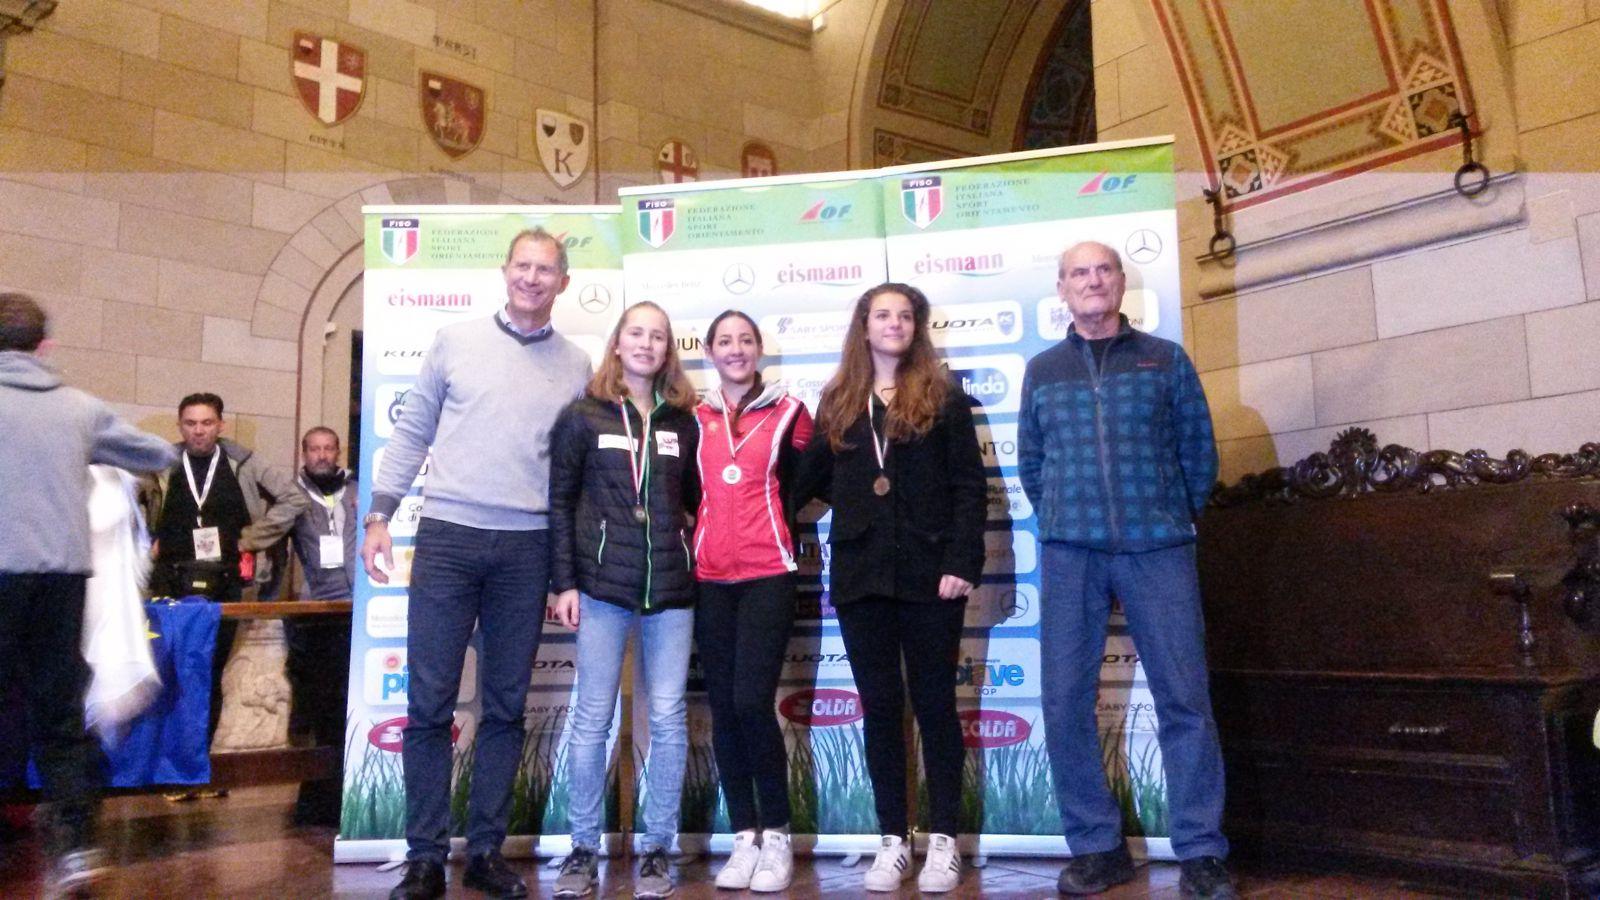 PODIO CLASSIFICA FINALE COPPA ITALIA, ALICE 2����°